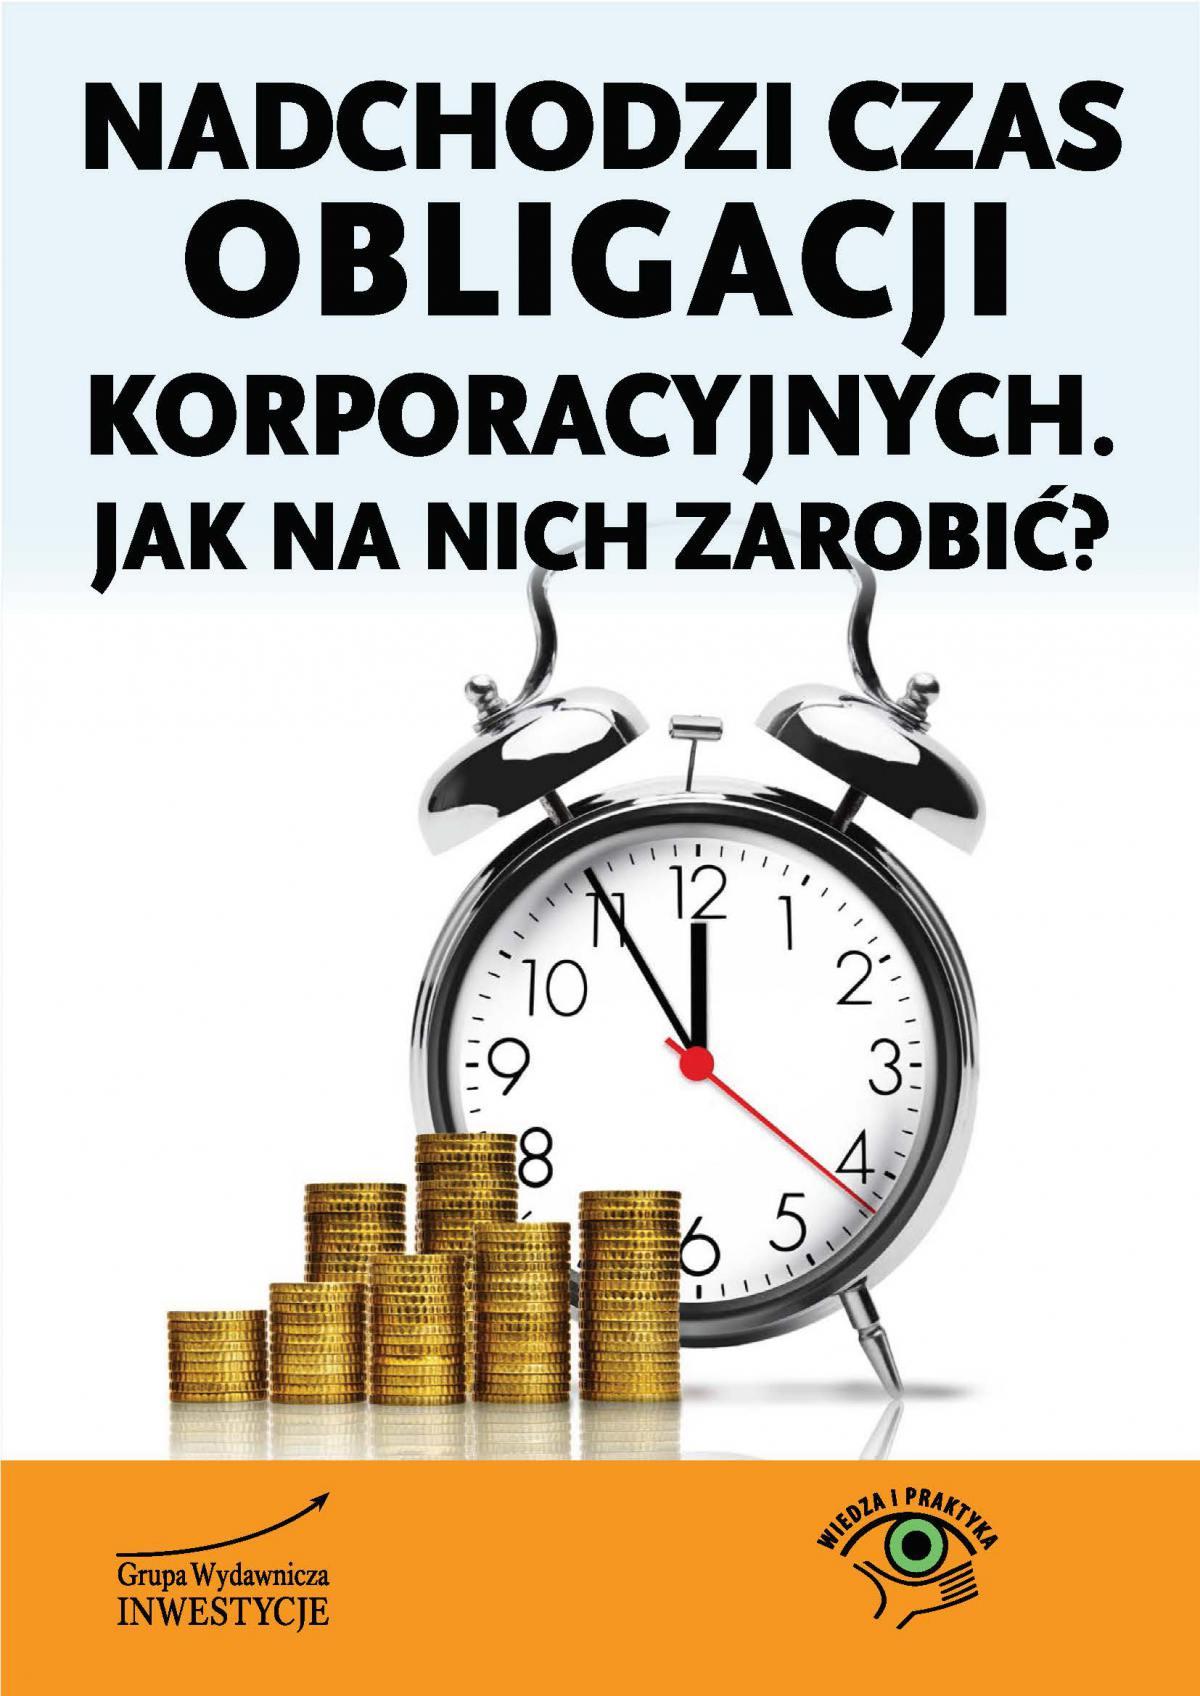 Nadchodzi czas obligacji korporacyjnych. Jak na nich zarobić? - Ebook (Książka PDF) do pobrania w formacie PDF